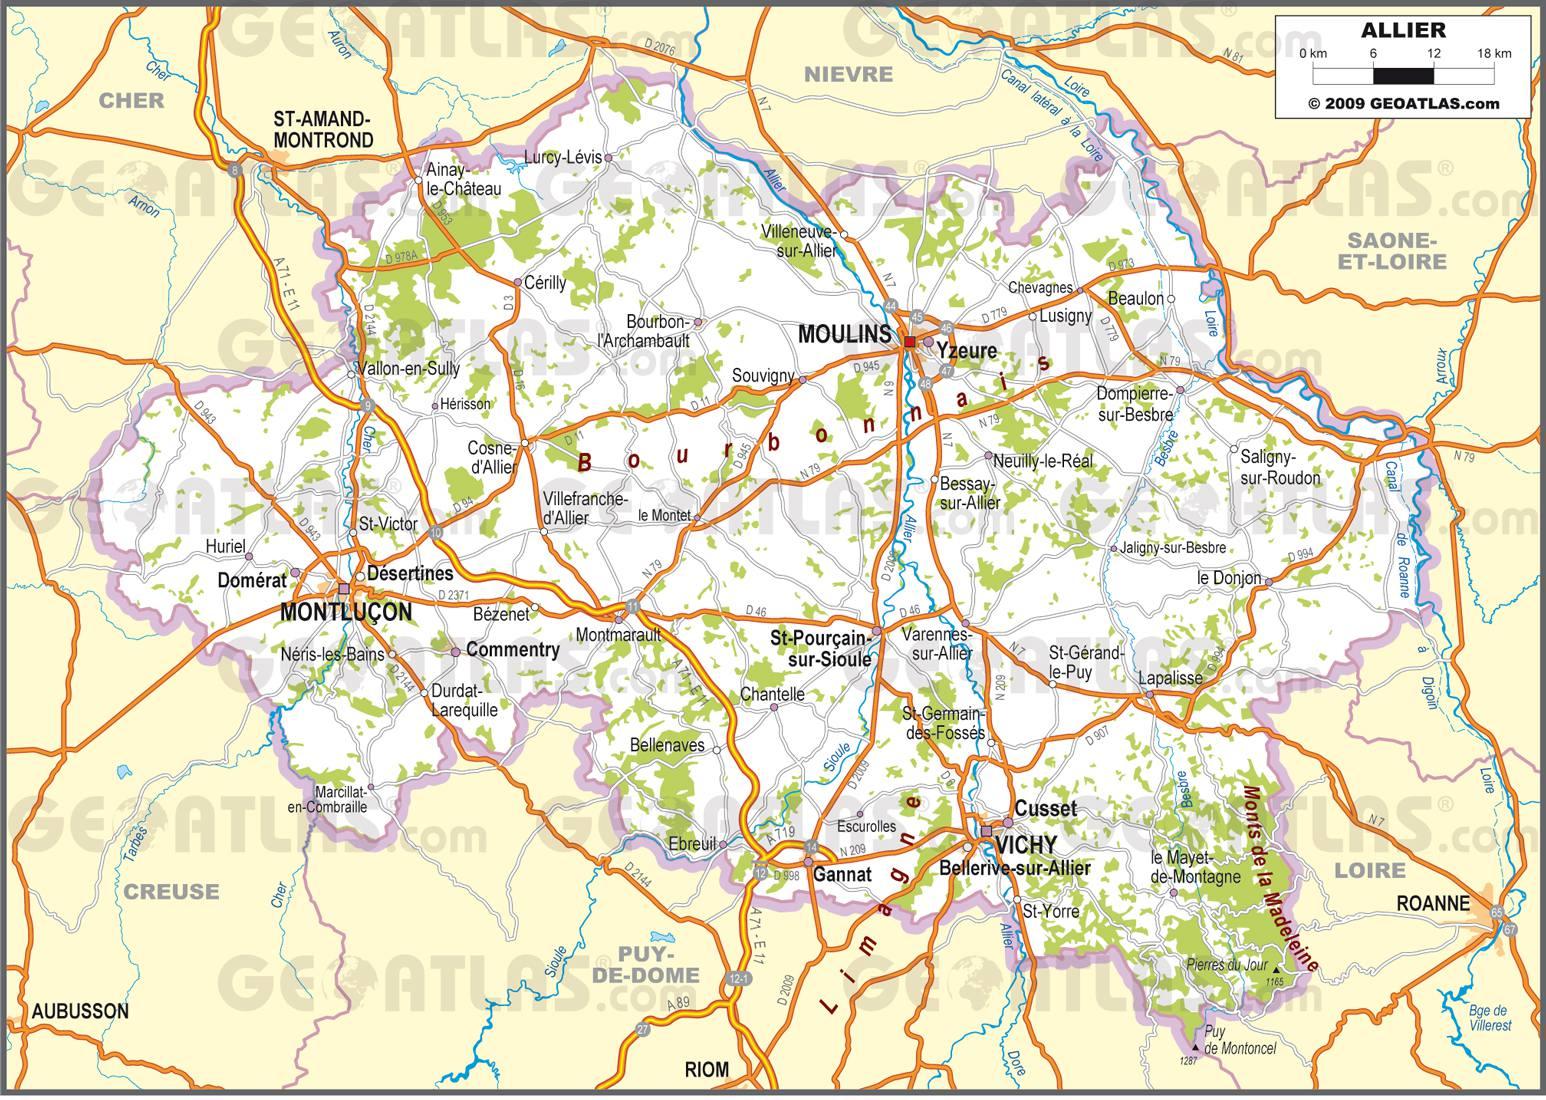 Carte routière de l'Allier